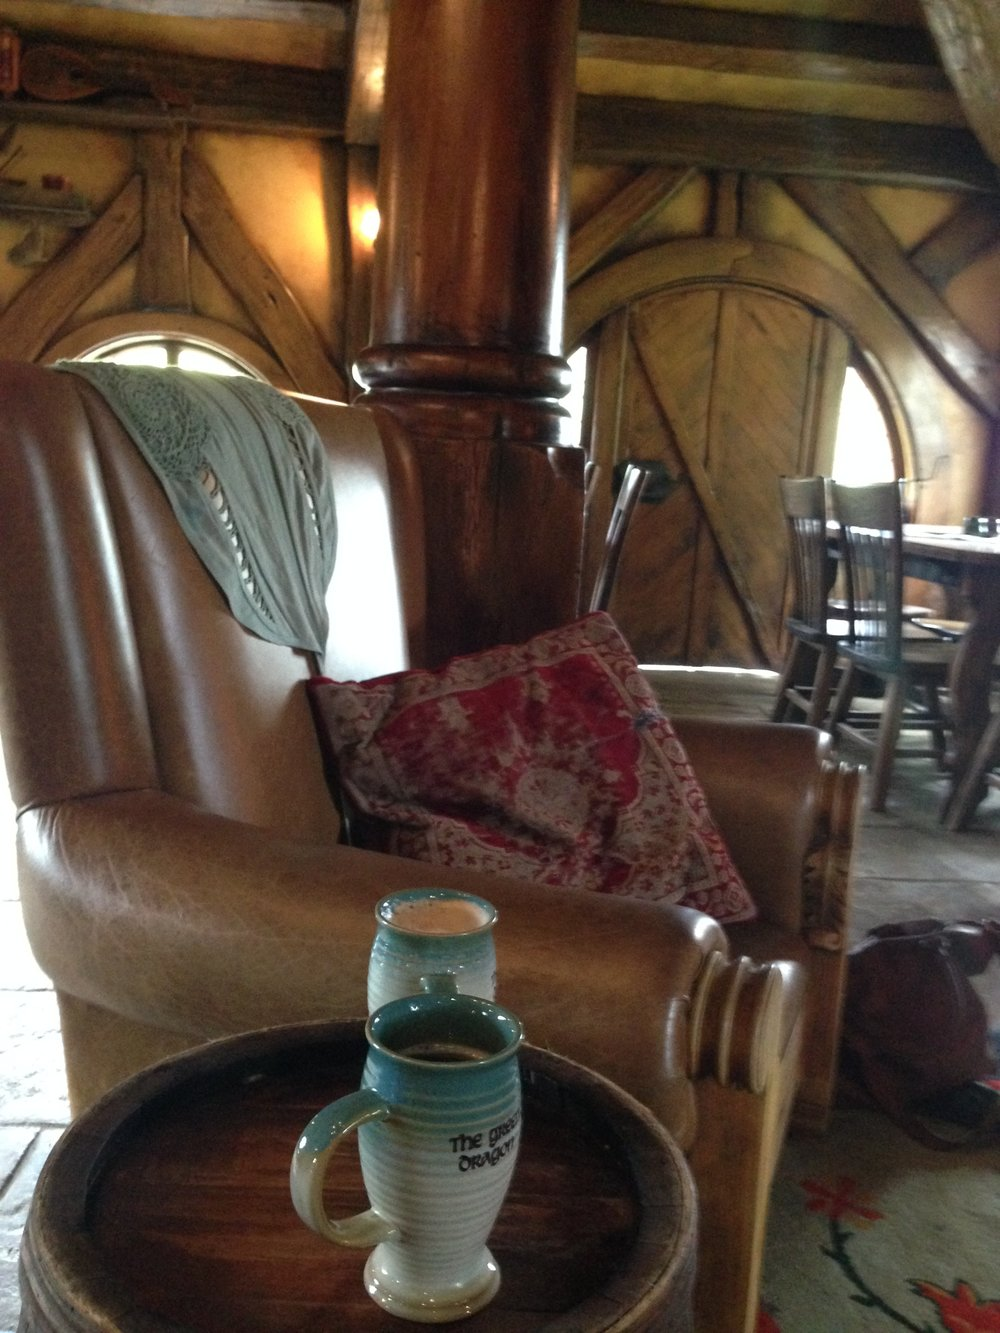 Enjoying some cider at Hobbiton.